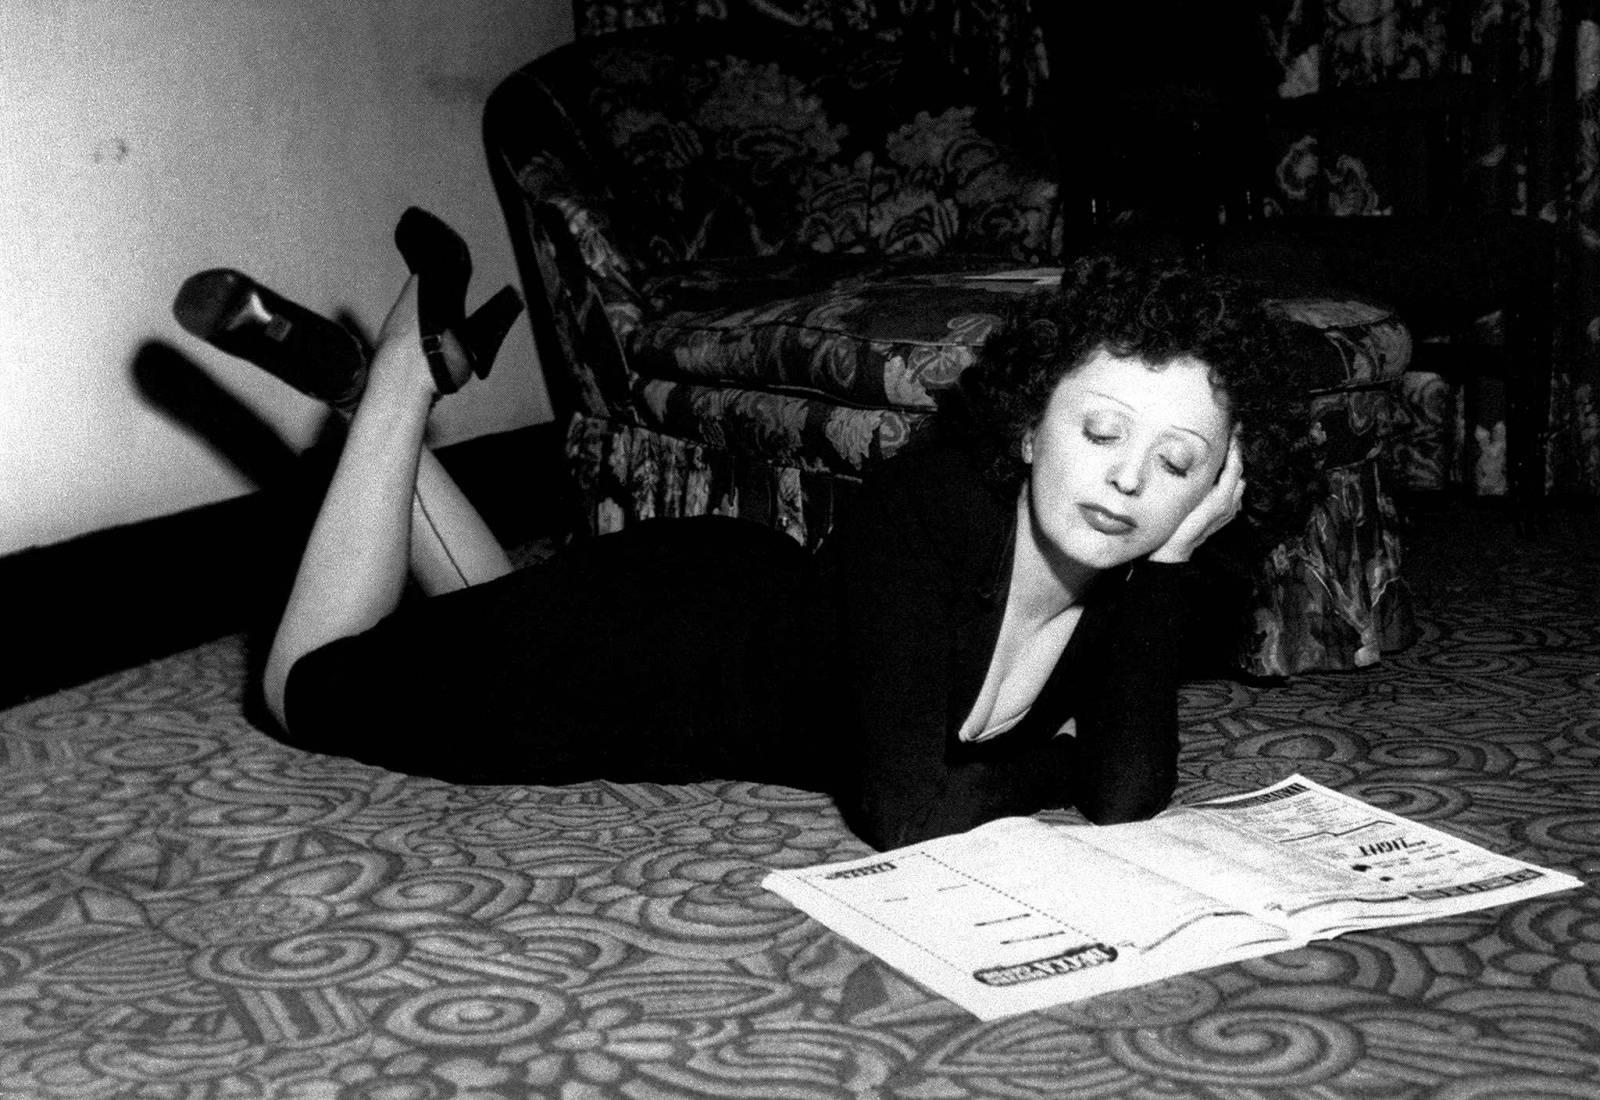 Před 100 lety se narodila Edith Piaf, šansonová legenda, která má vlastní planetku